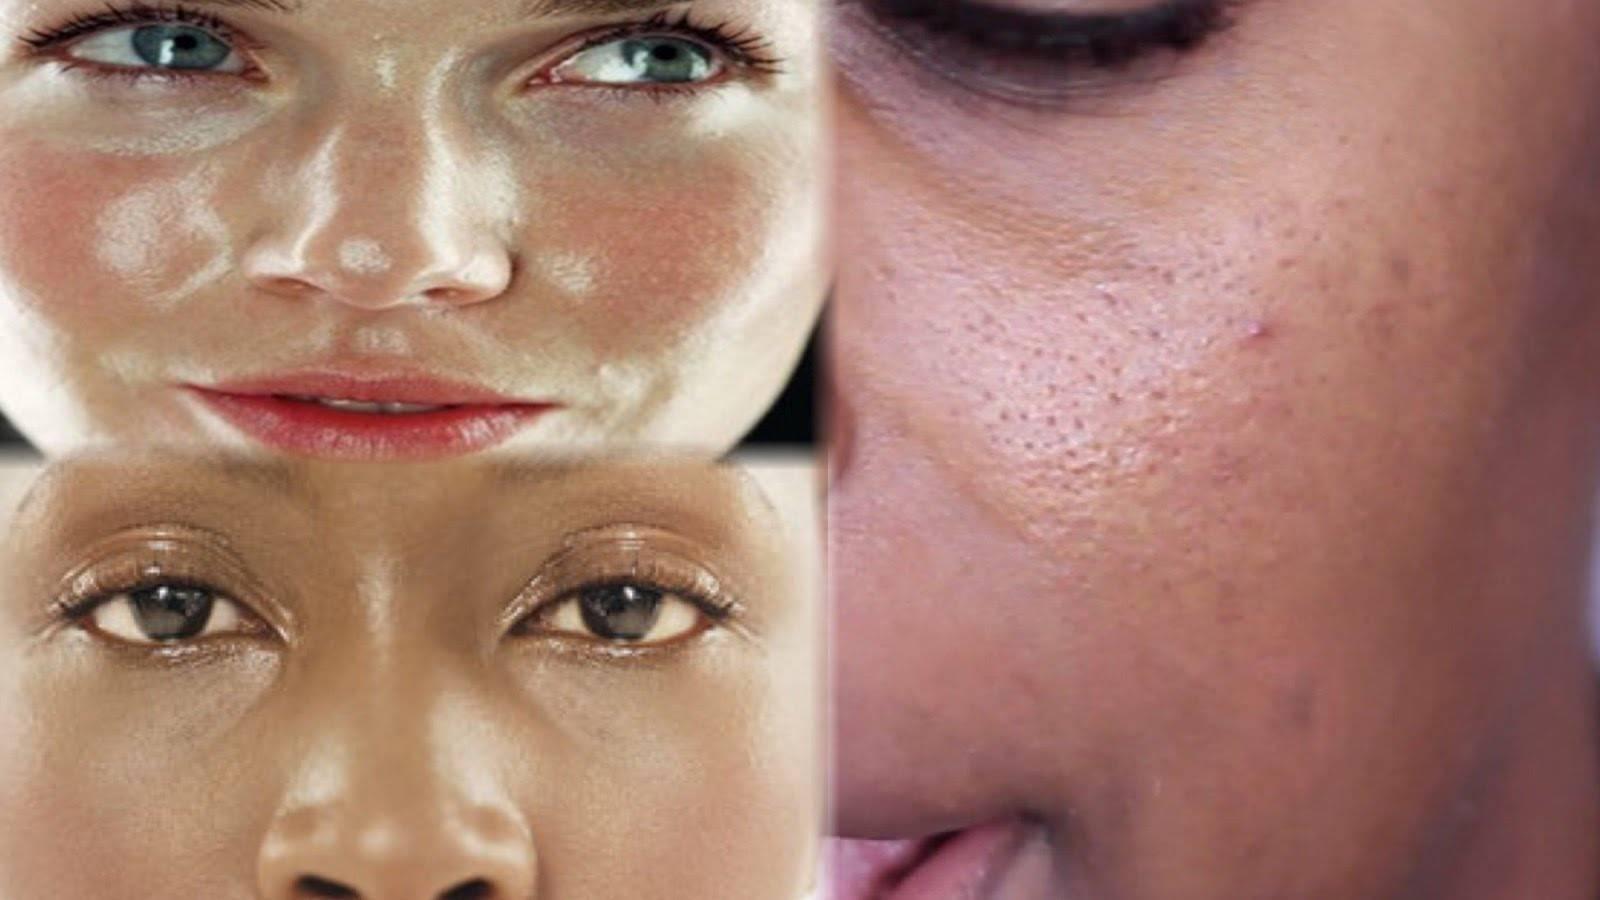 Как избавиться от жирного блеска на лице: причины и решение проблемы. как убрать жирный блеск на лице